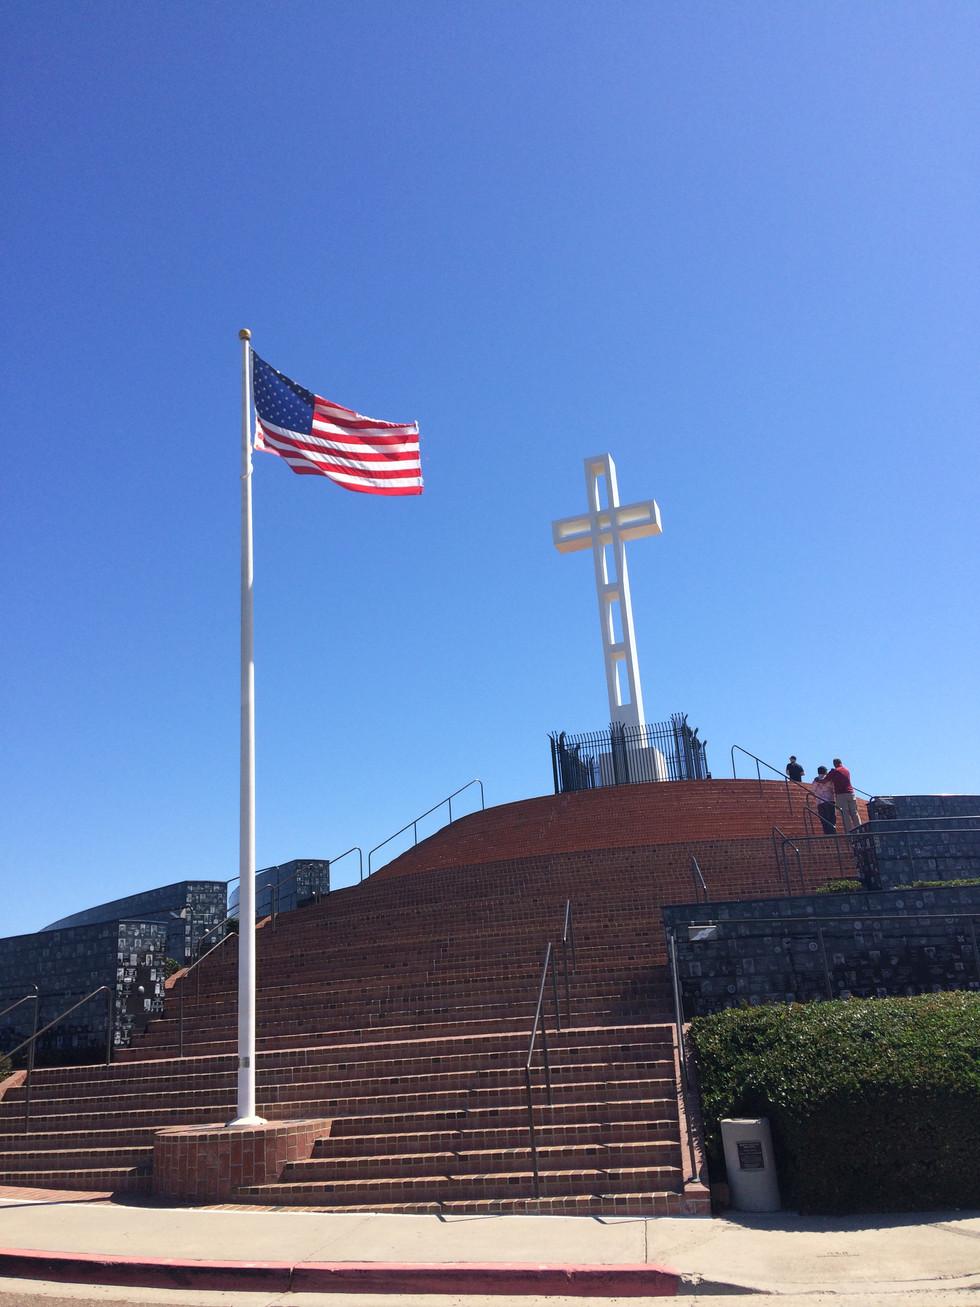 Solodad Veteran's Memorial, La Jolla California